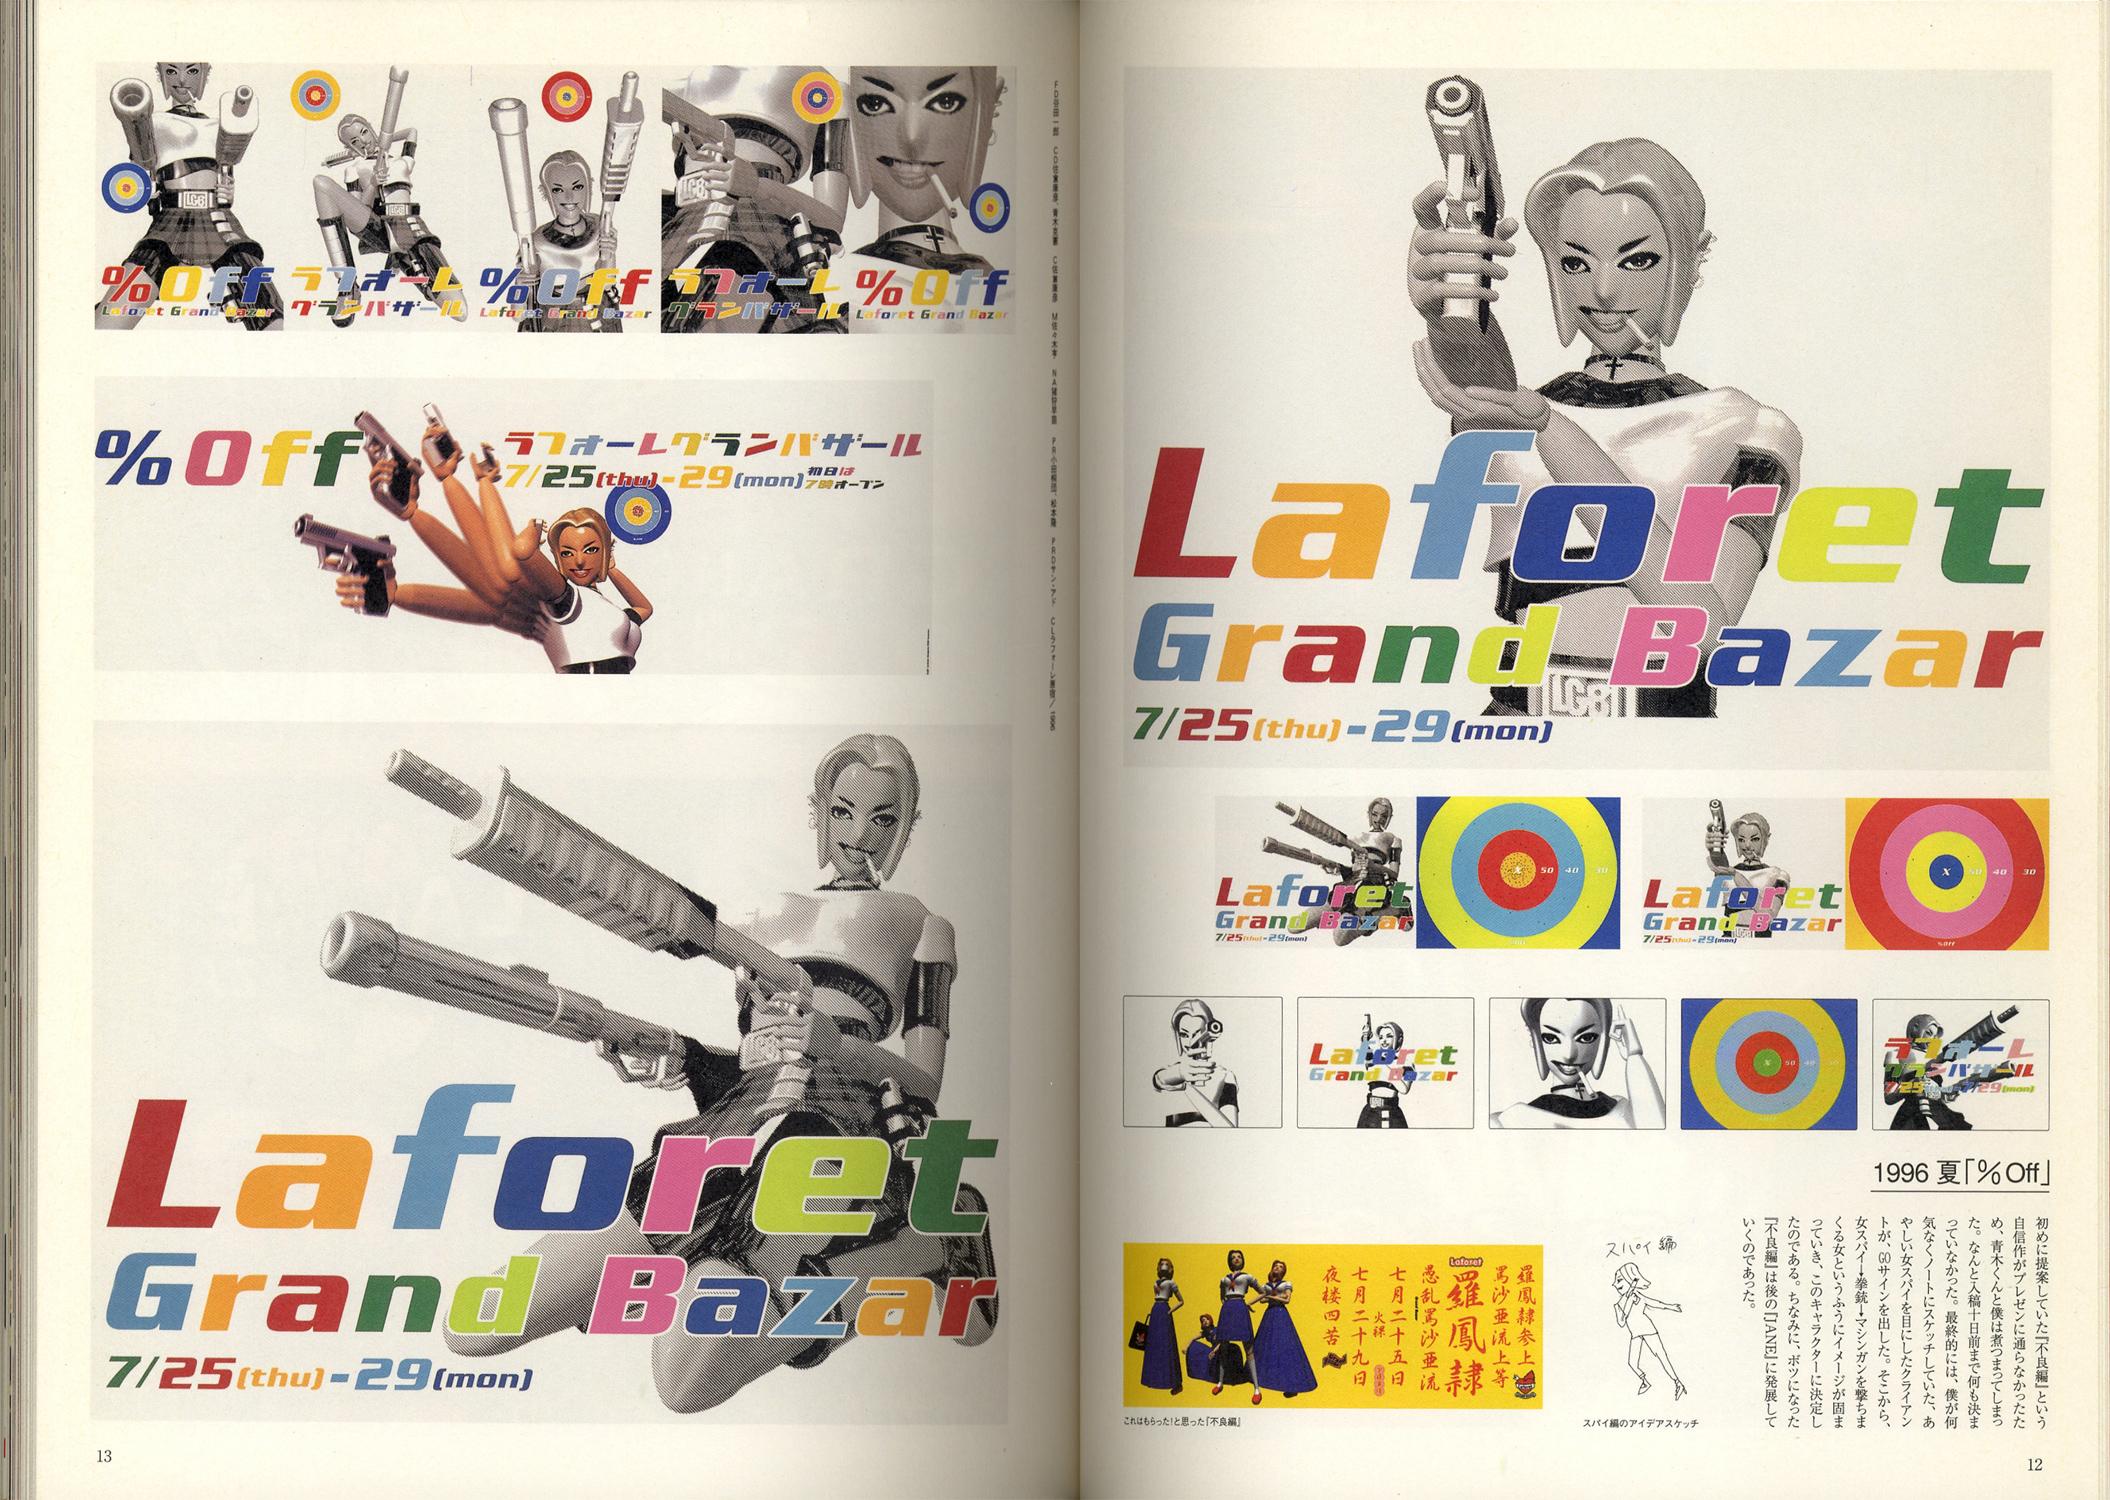 谷田一郎の仕事と周辺 Artist、 Director and Designer SCAN #2[image2]